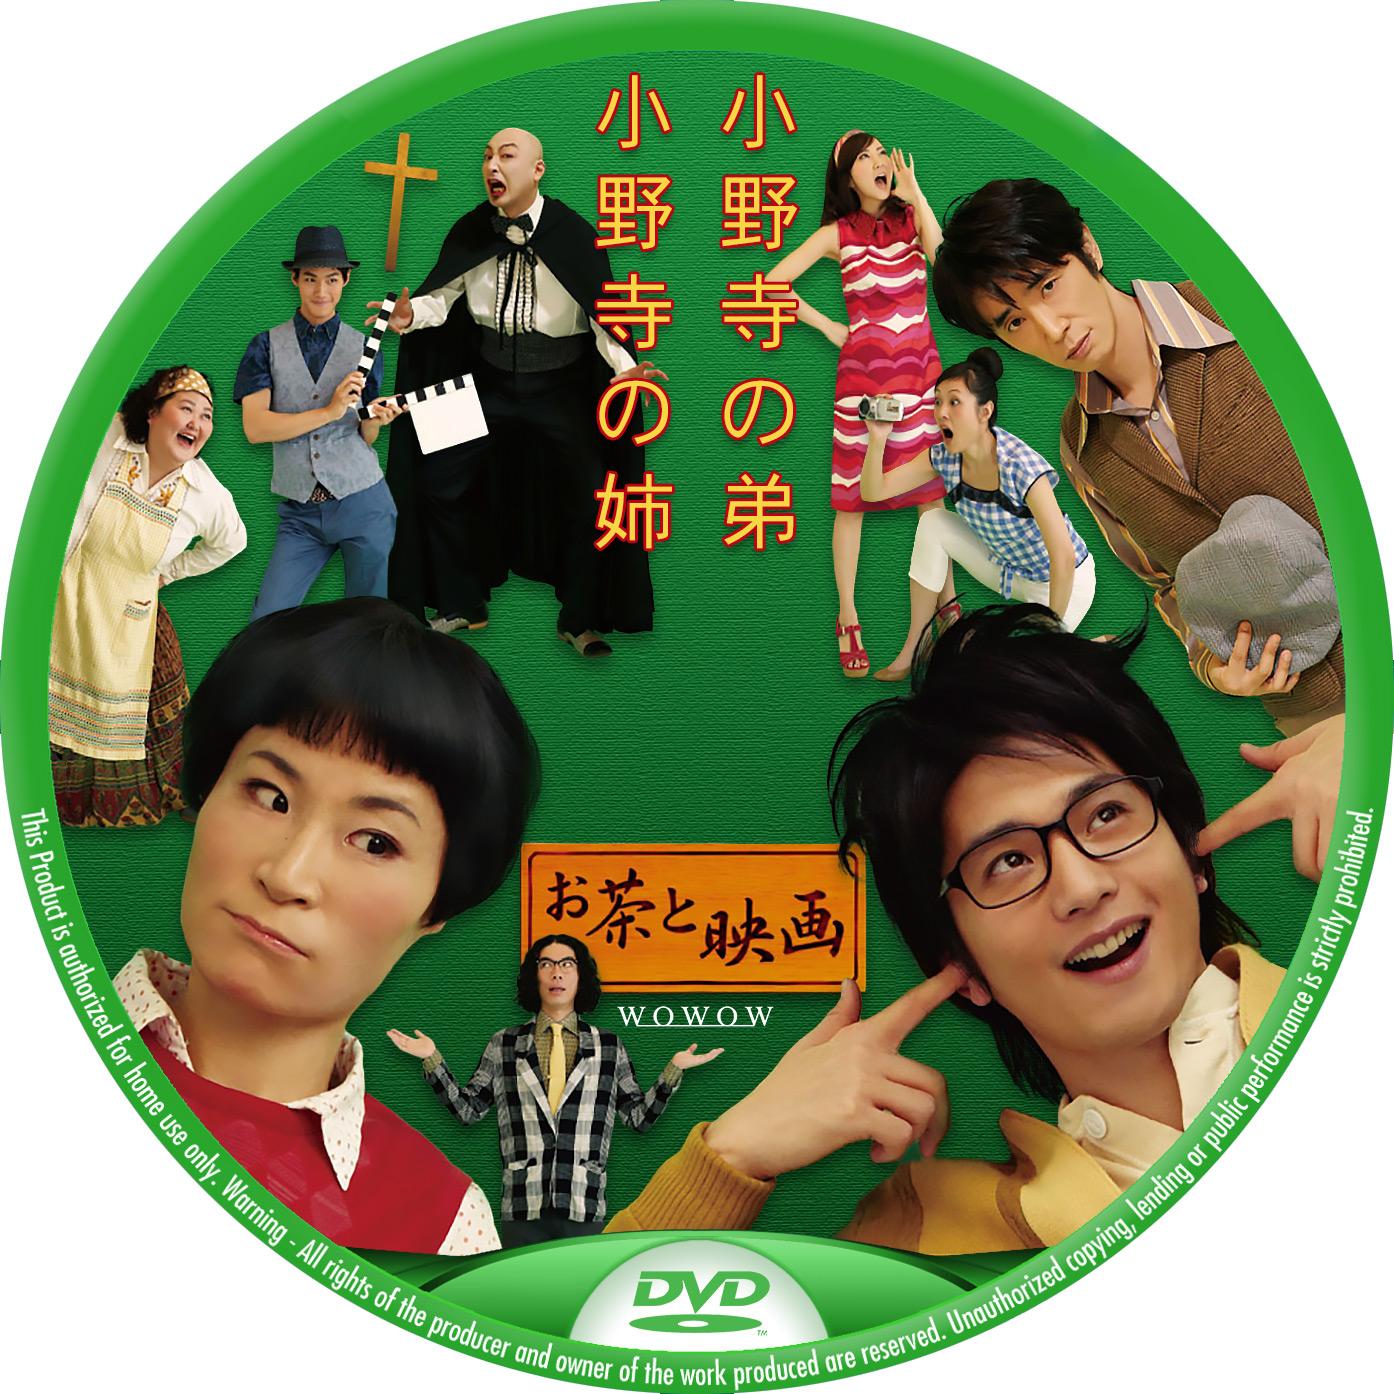 小野寺の弟 小野寺の姉 DVDラベル